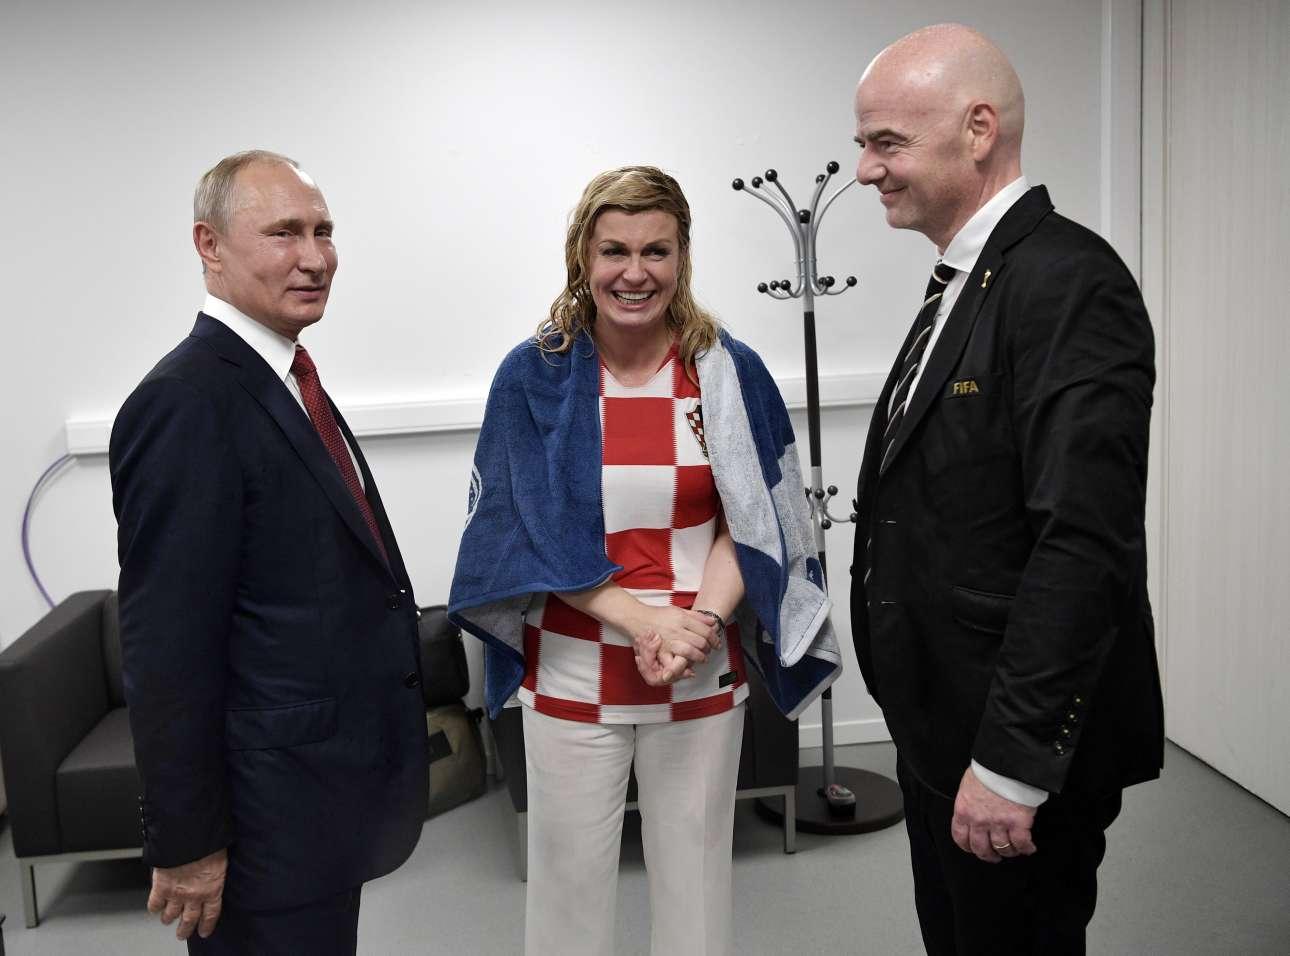 Μετά την ψυχρολουσία. Η Κολίντα Γκράμπαρ-Κιτάροβιτς με μια πετσέτα προσπαθεί να συνέλθει από τη νεροποντή, ανάμεσα στον Βλαντίμιρ Πούτιν και τον επικεφαλής της FIFA Τζιάνι Ιφαντίνο